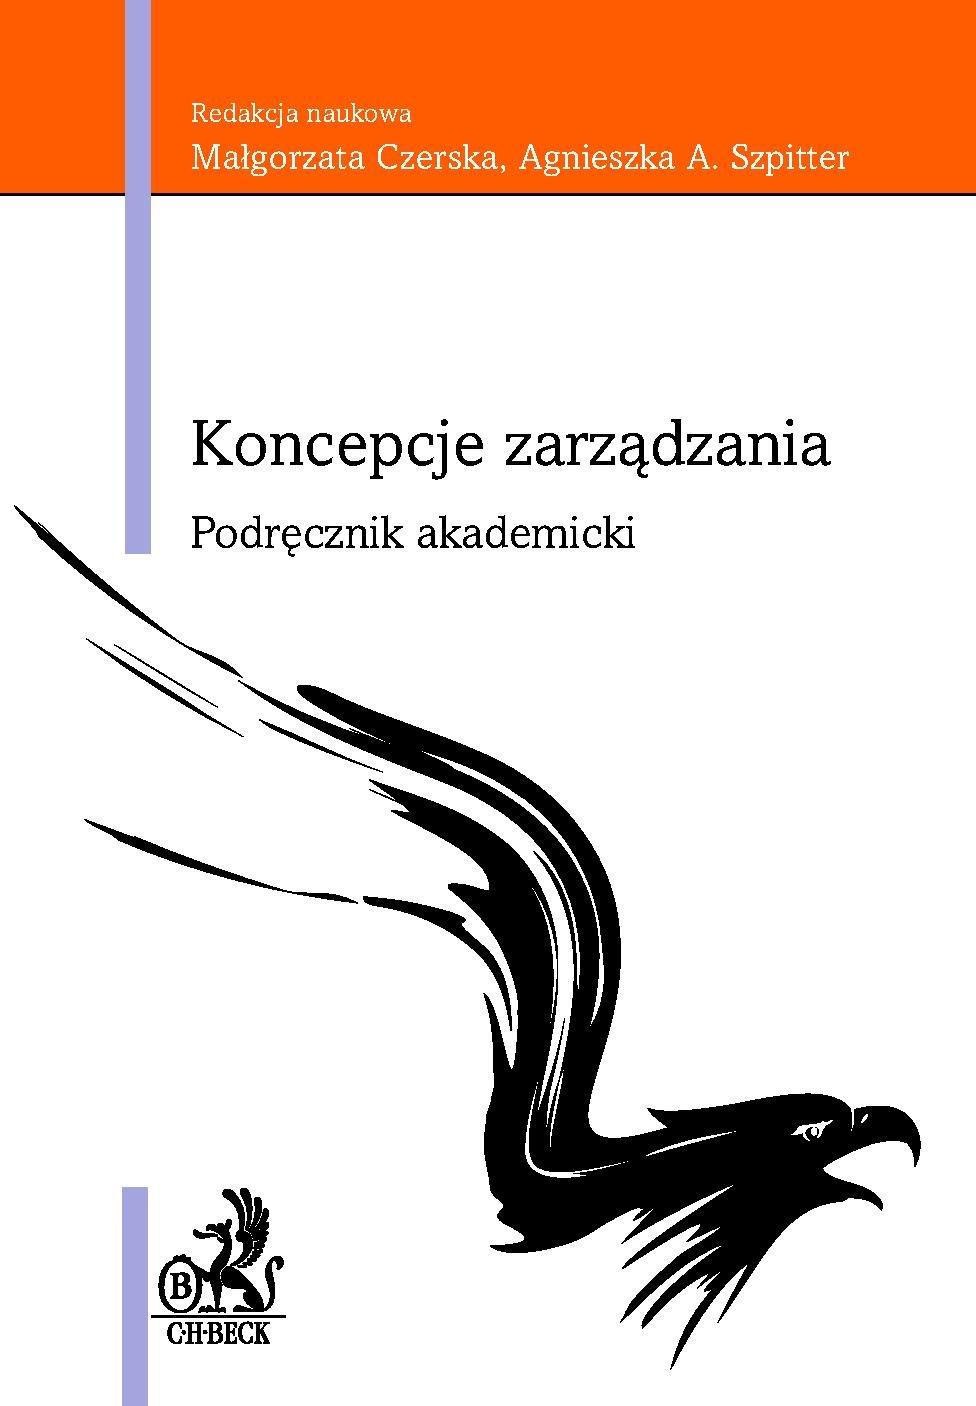 Koncepcje zarządzania. Podręcznik Akademicki - Ebook (Książka PDF) do pobrania w formacie PDF